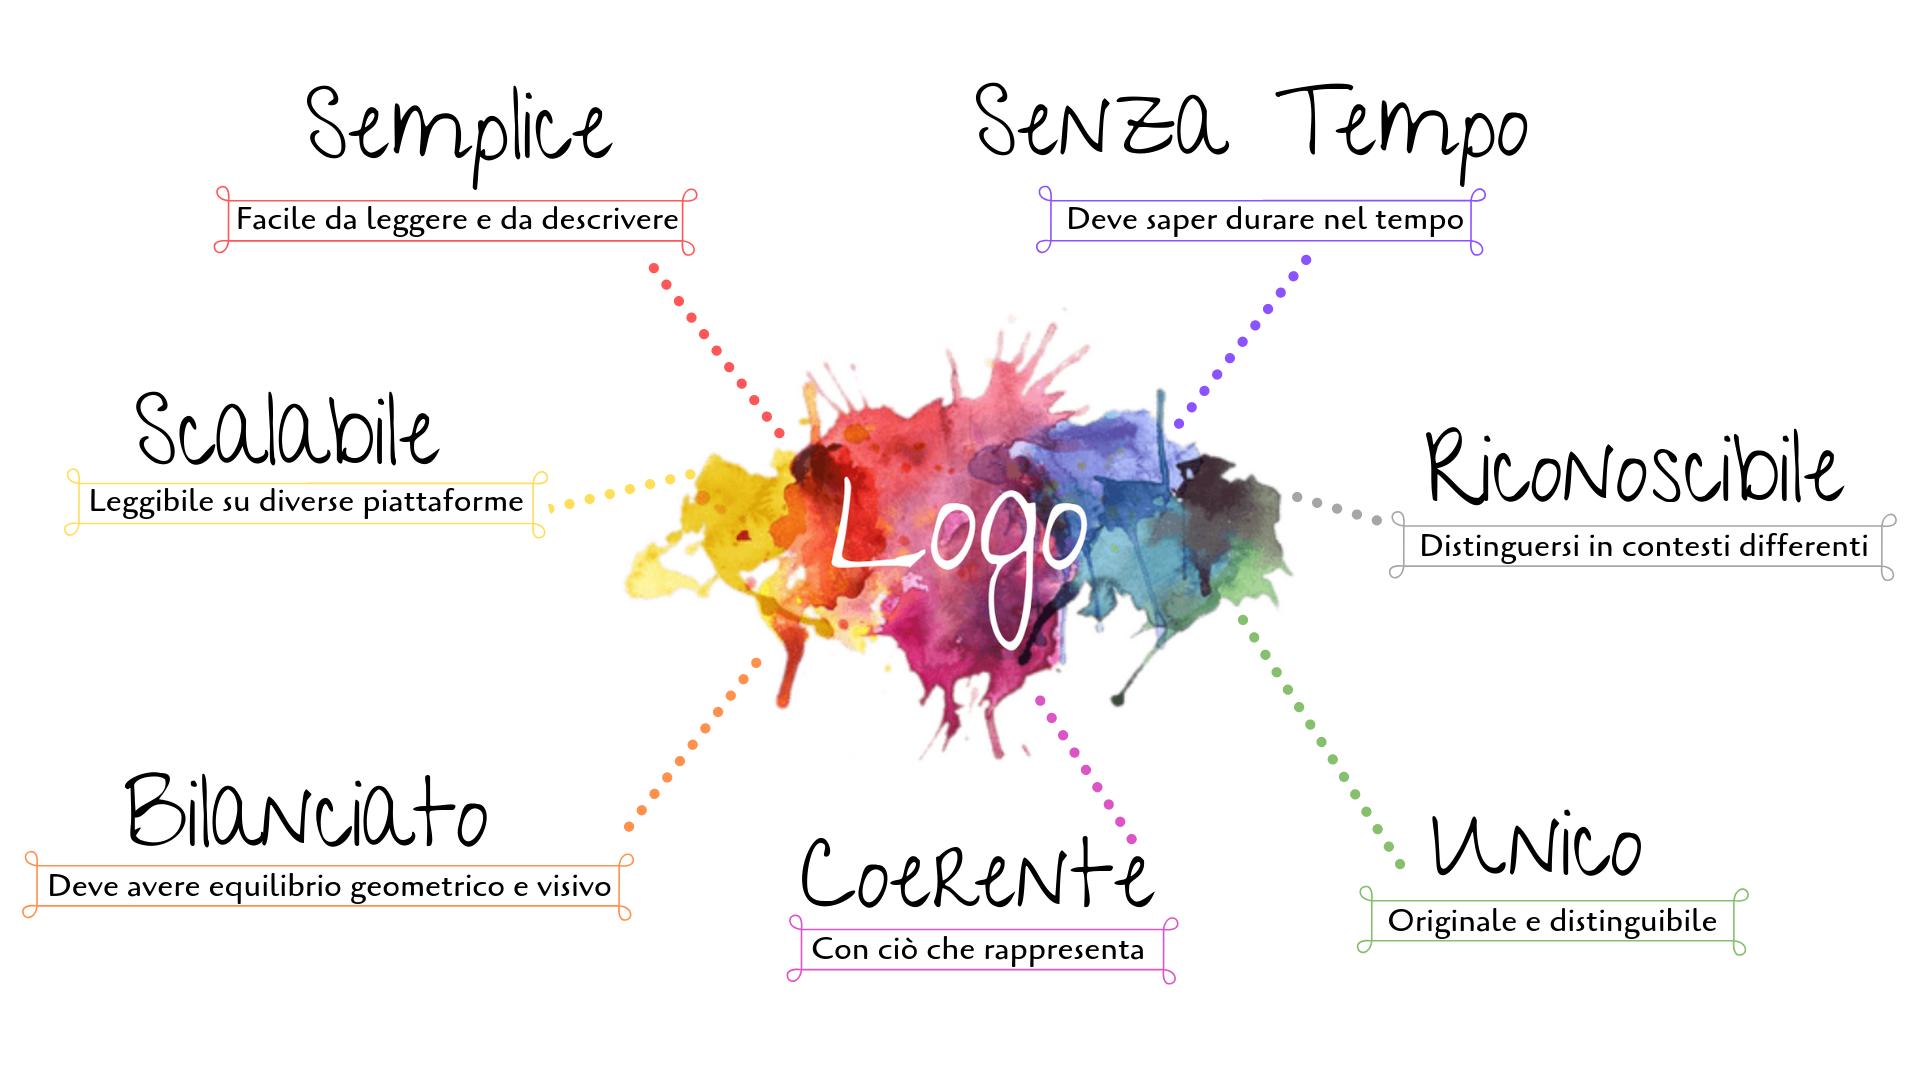 Elenco caratteristiche di un logo